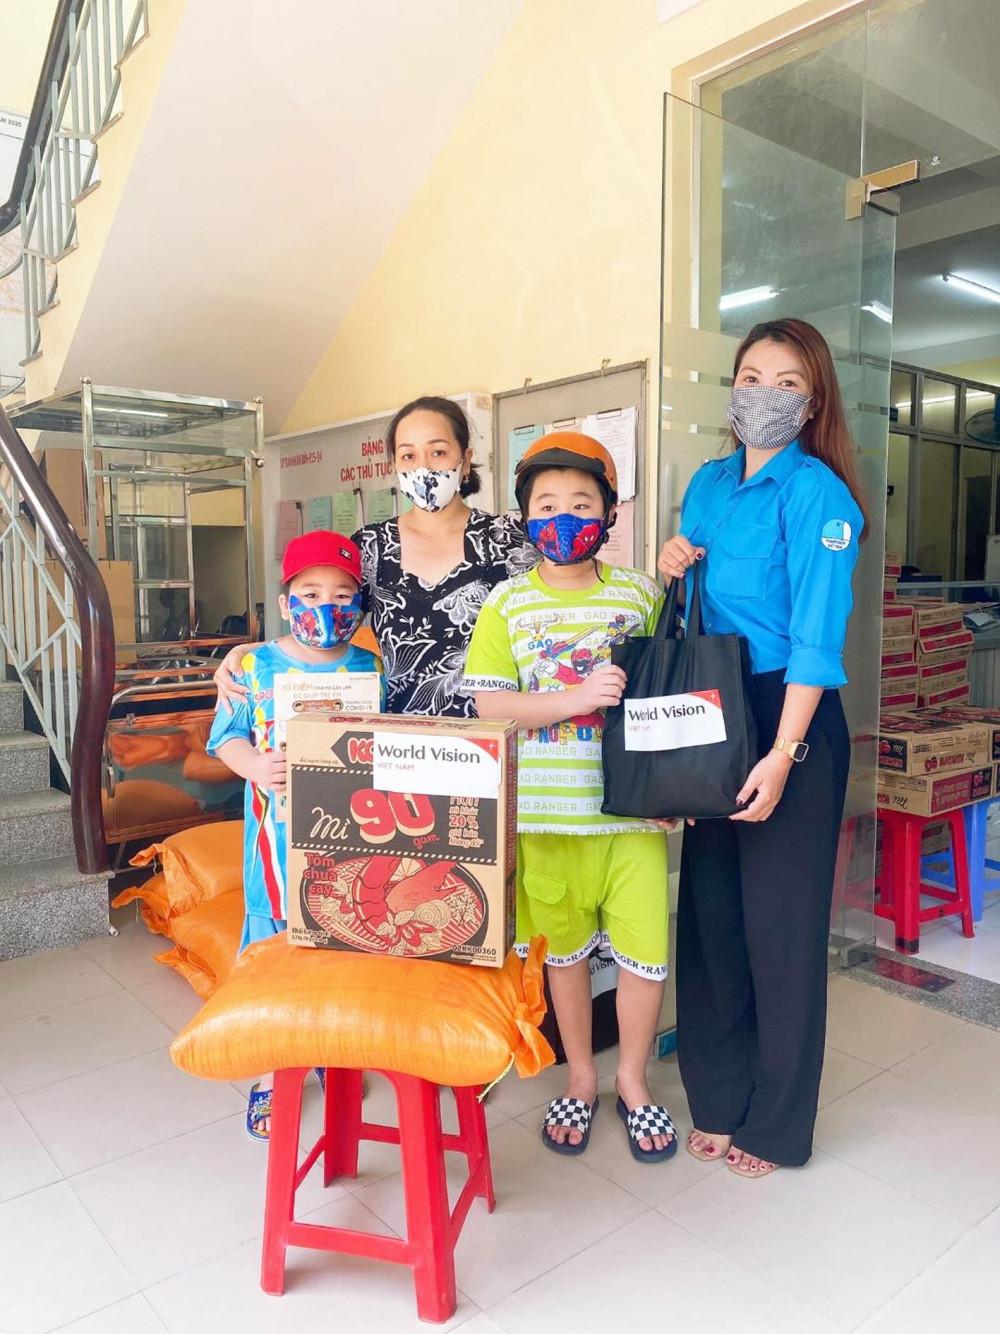 Nguyễn Phạm Như Hậu nay đã ổn định công việc và luôn tích cực tham gia các hoạt động vì cộng đồng